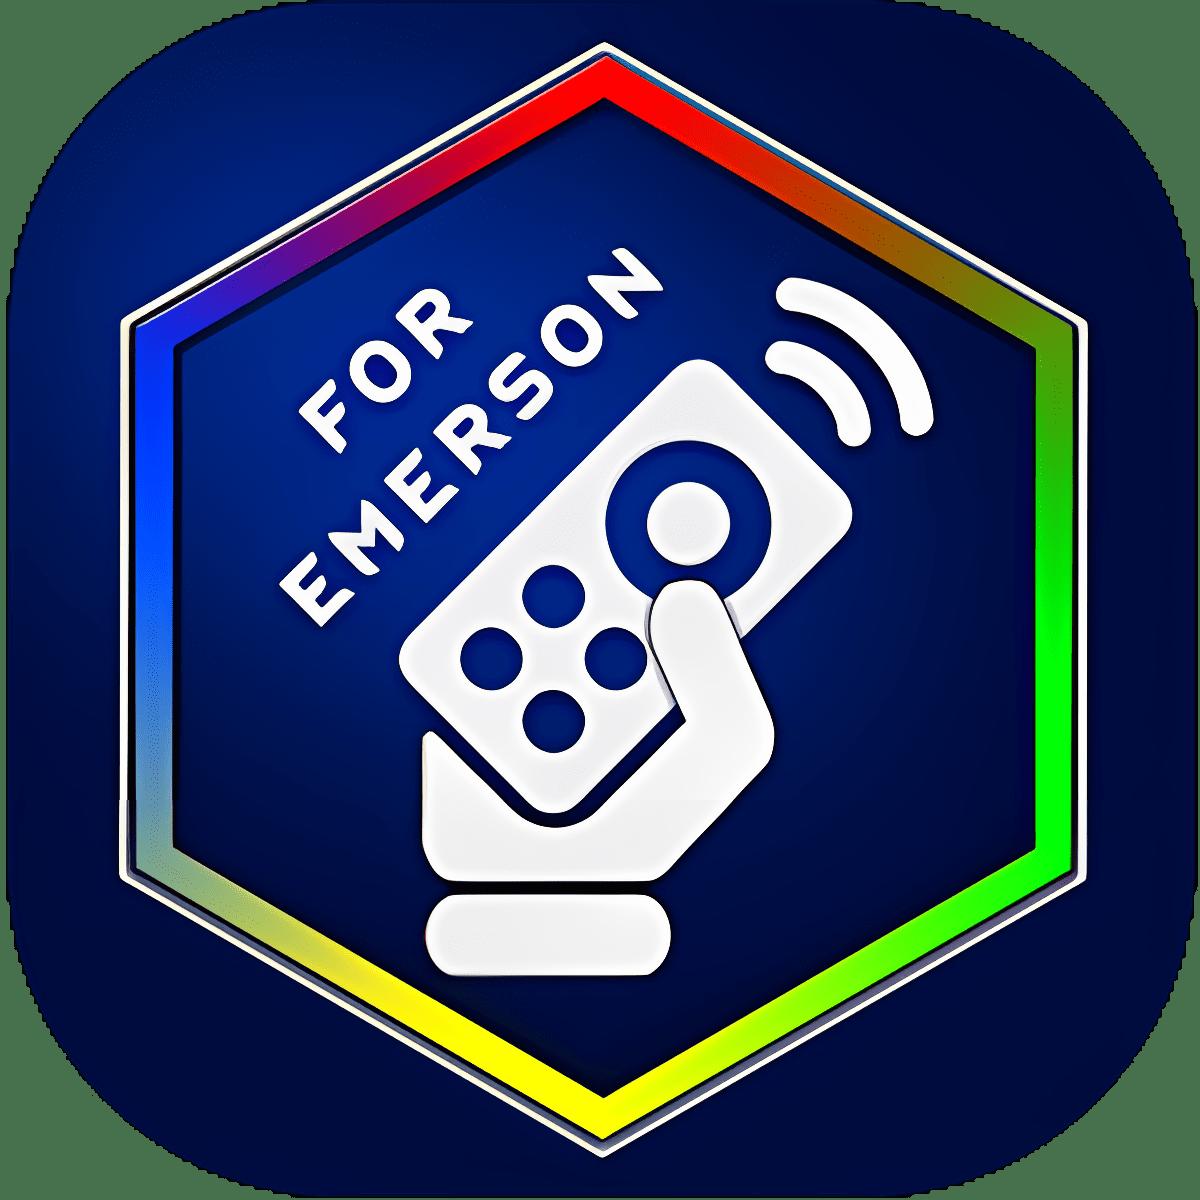 TV Remote for Emerson